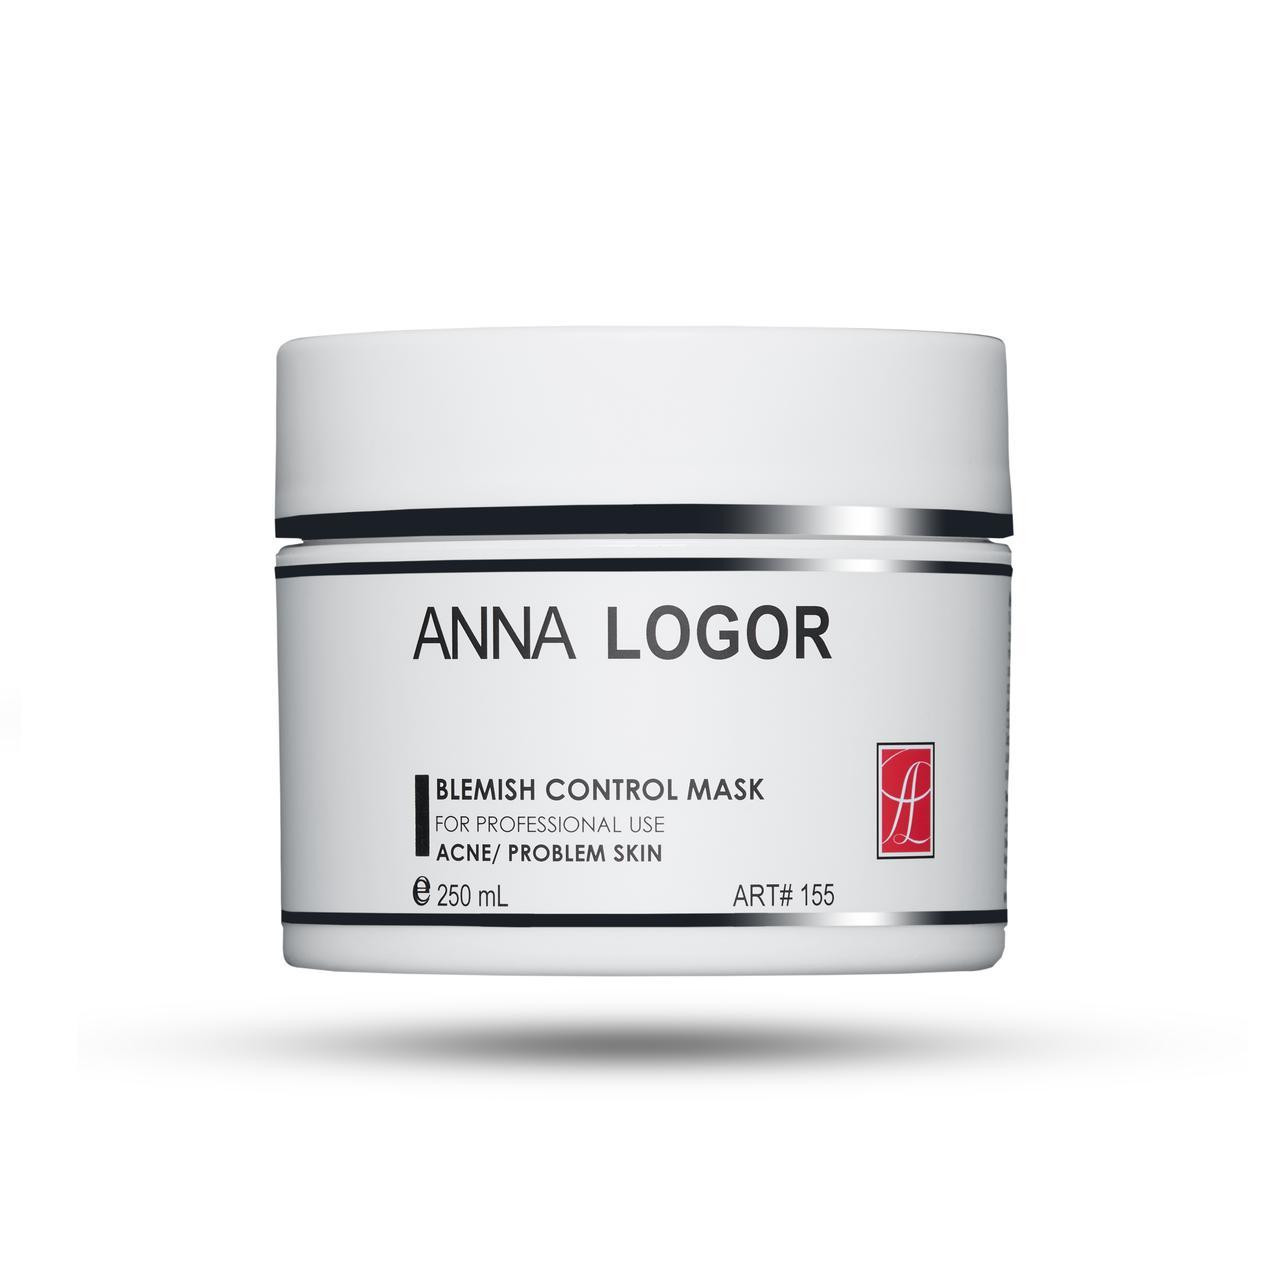 Маска для проблемной кожи Anna Logor Blemish Control Mask 250 ml Art.155